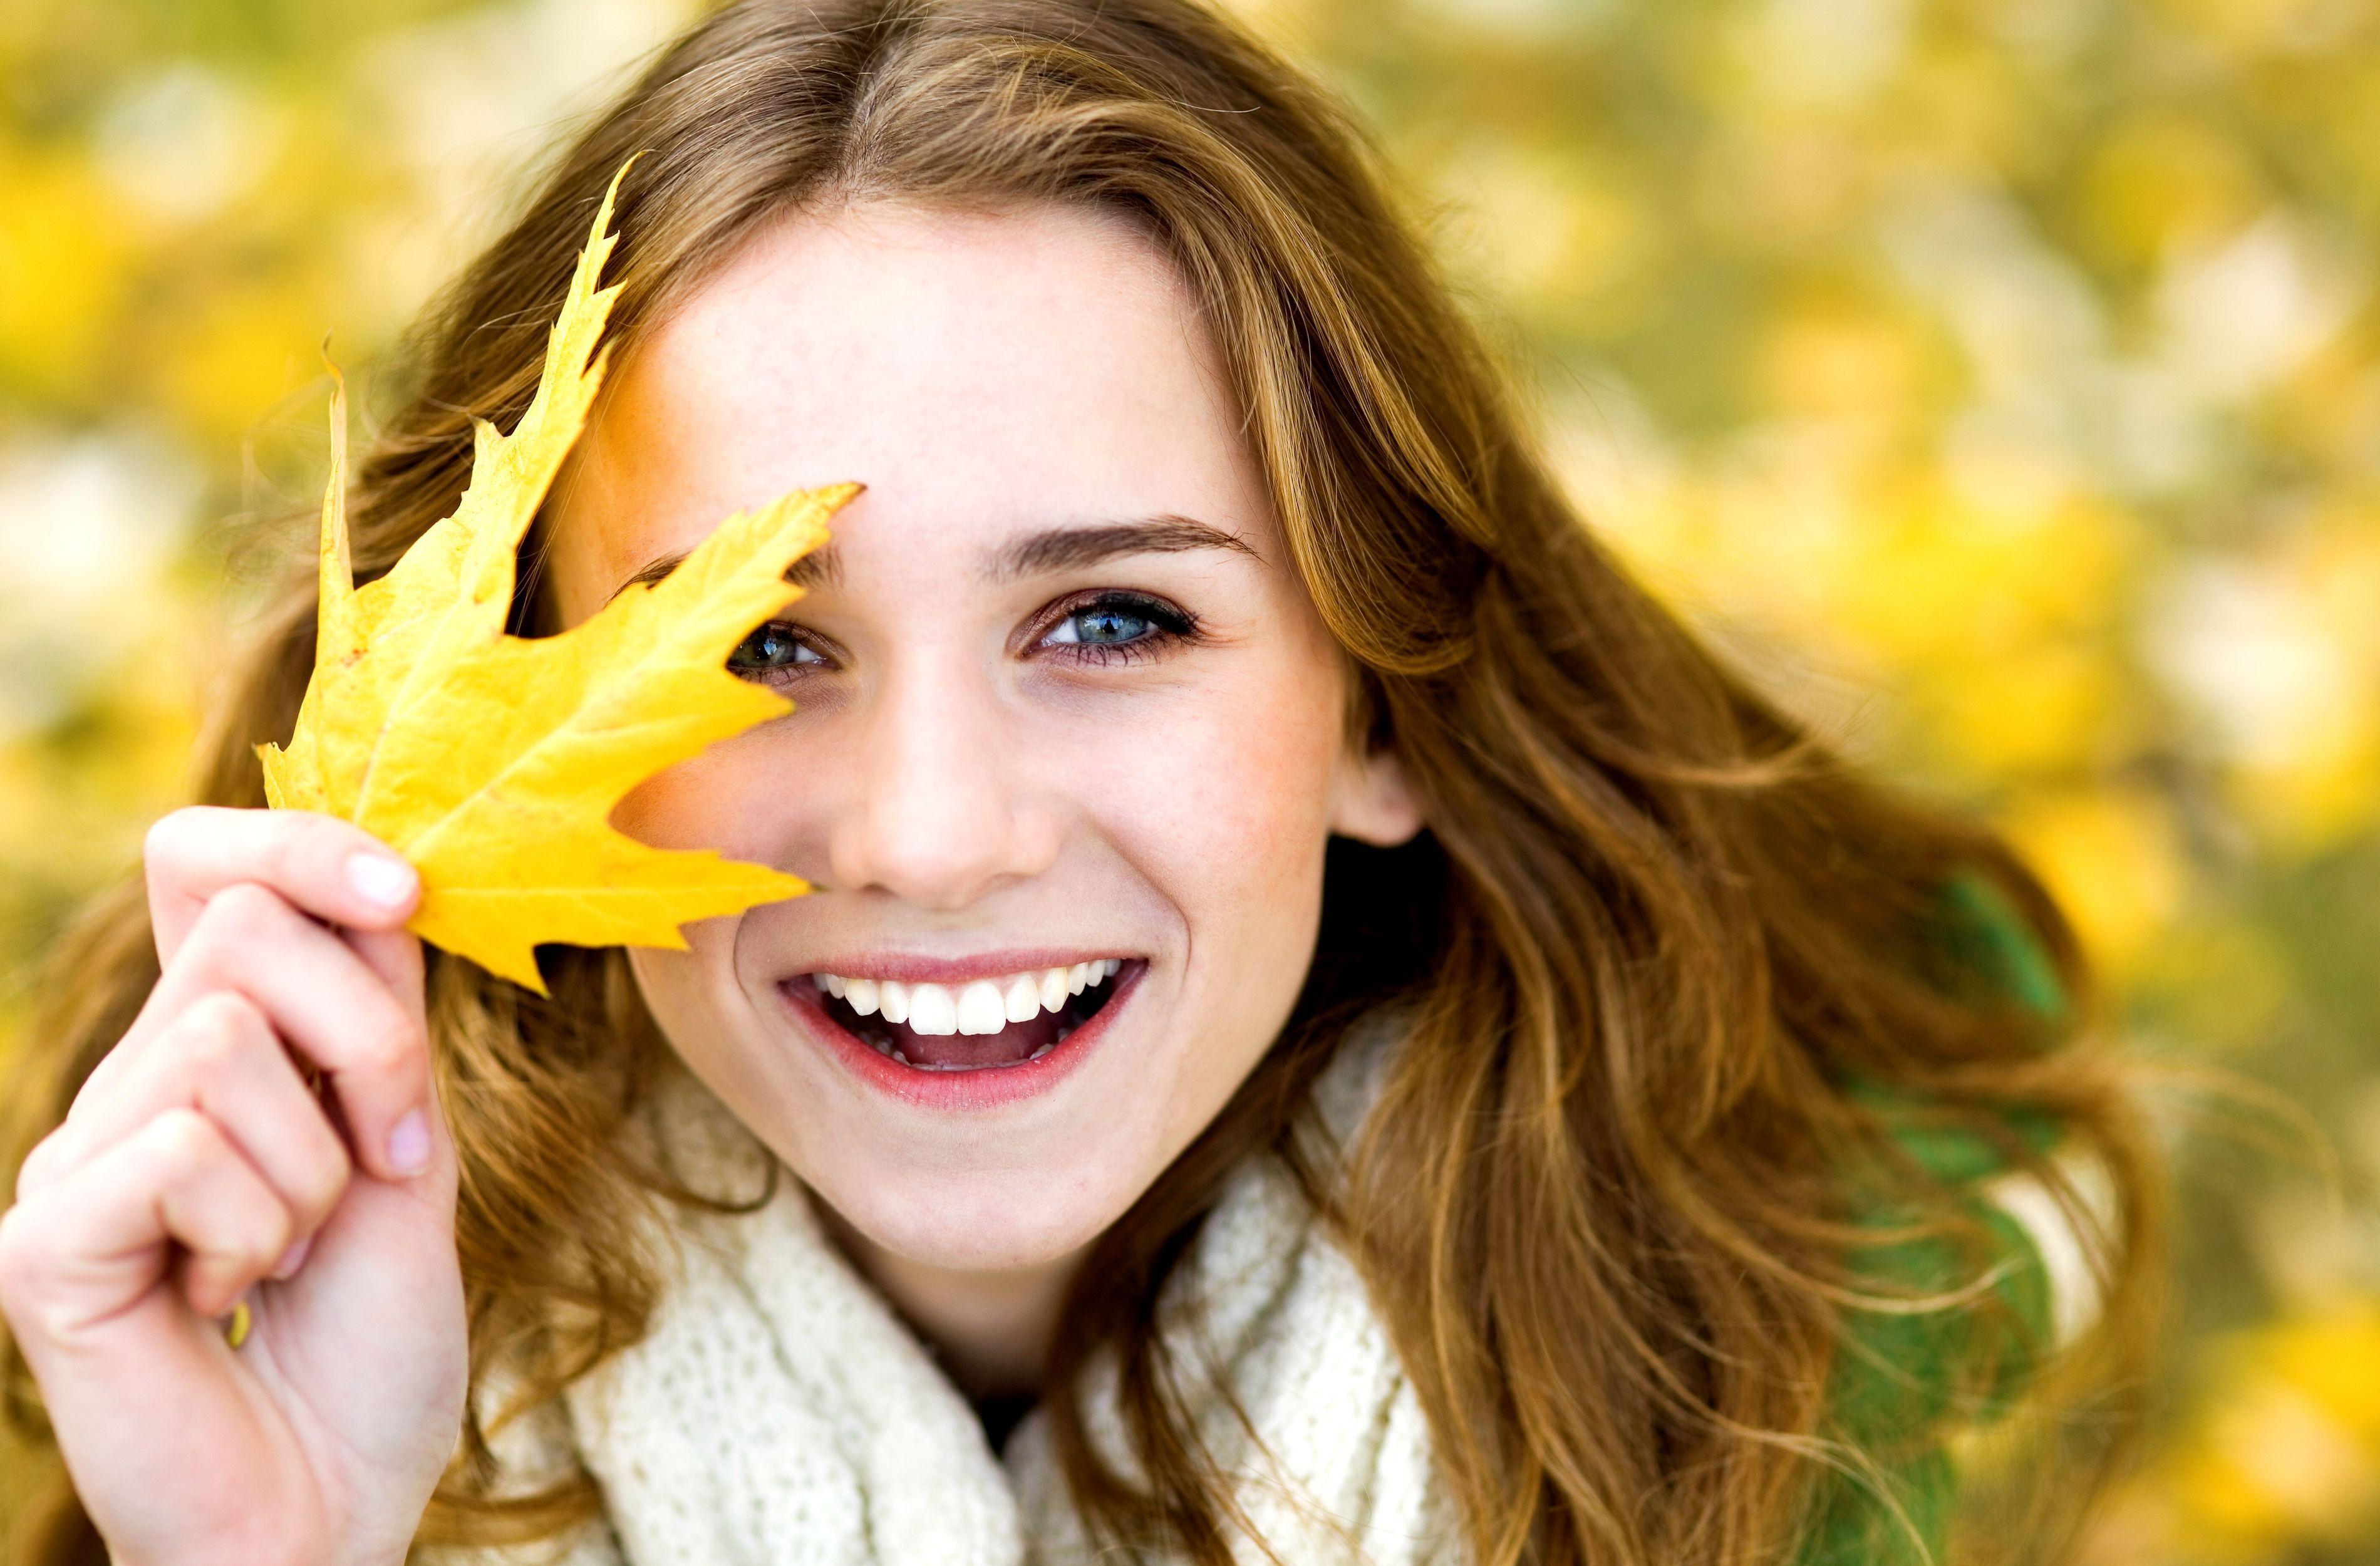 Каким должен быть уход за кожей лица в осенний период?